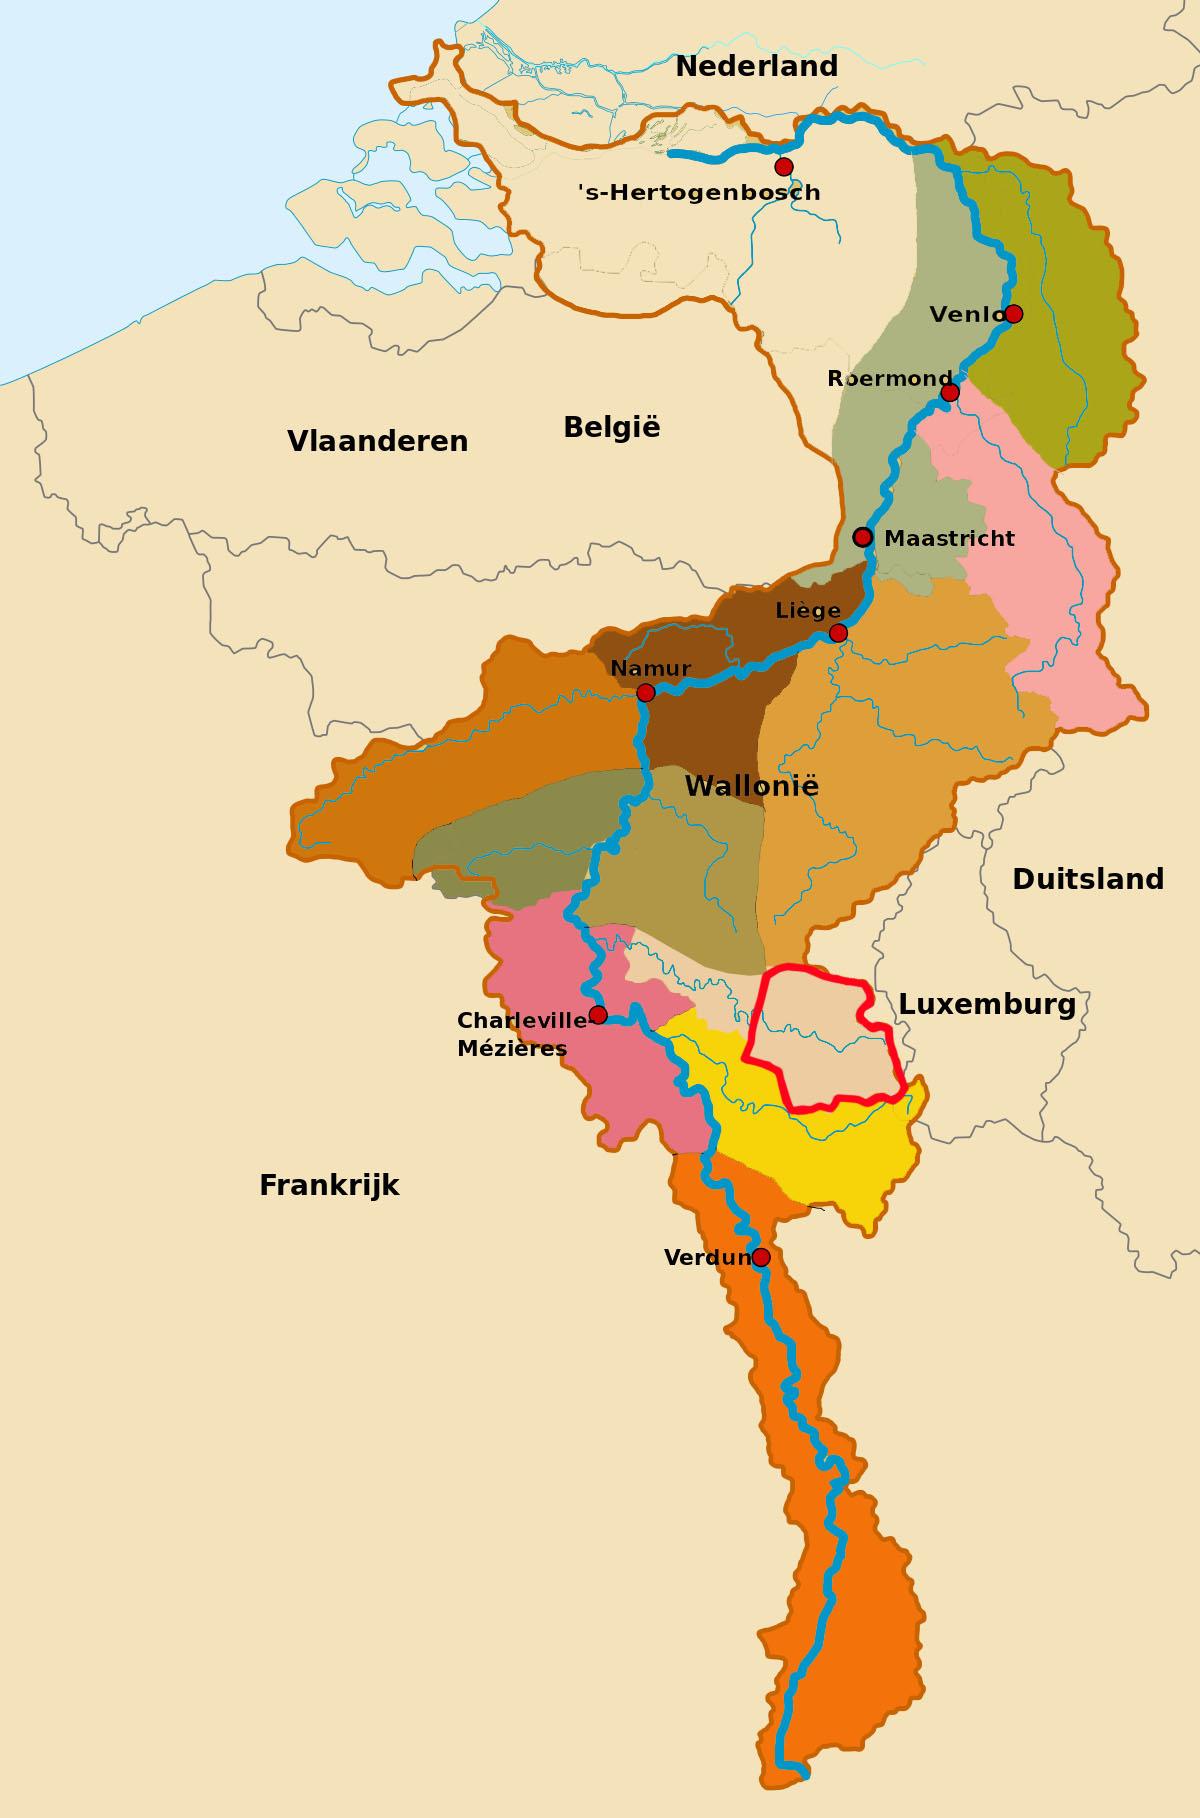 Stroomgebied van de Maas met daarin het onderzochte deel van het stroomgebied  van de Semois (rood omlijnd)